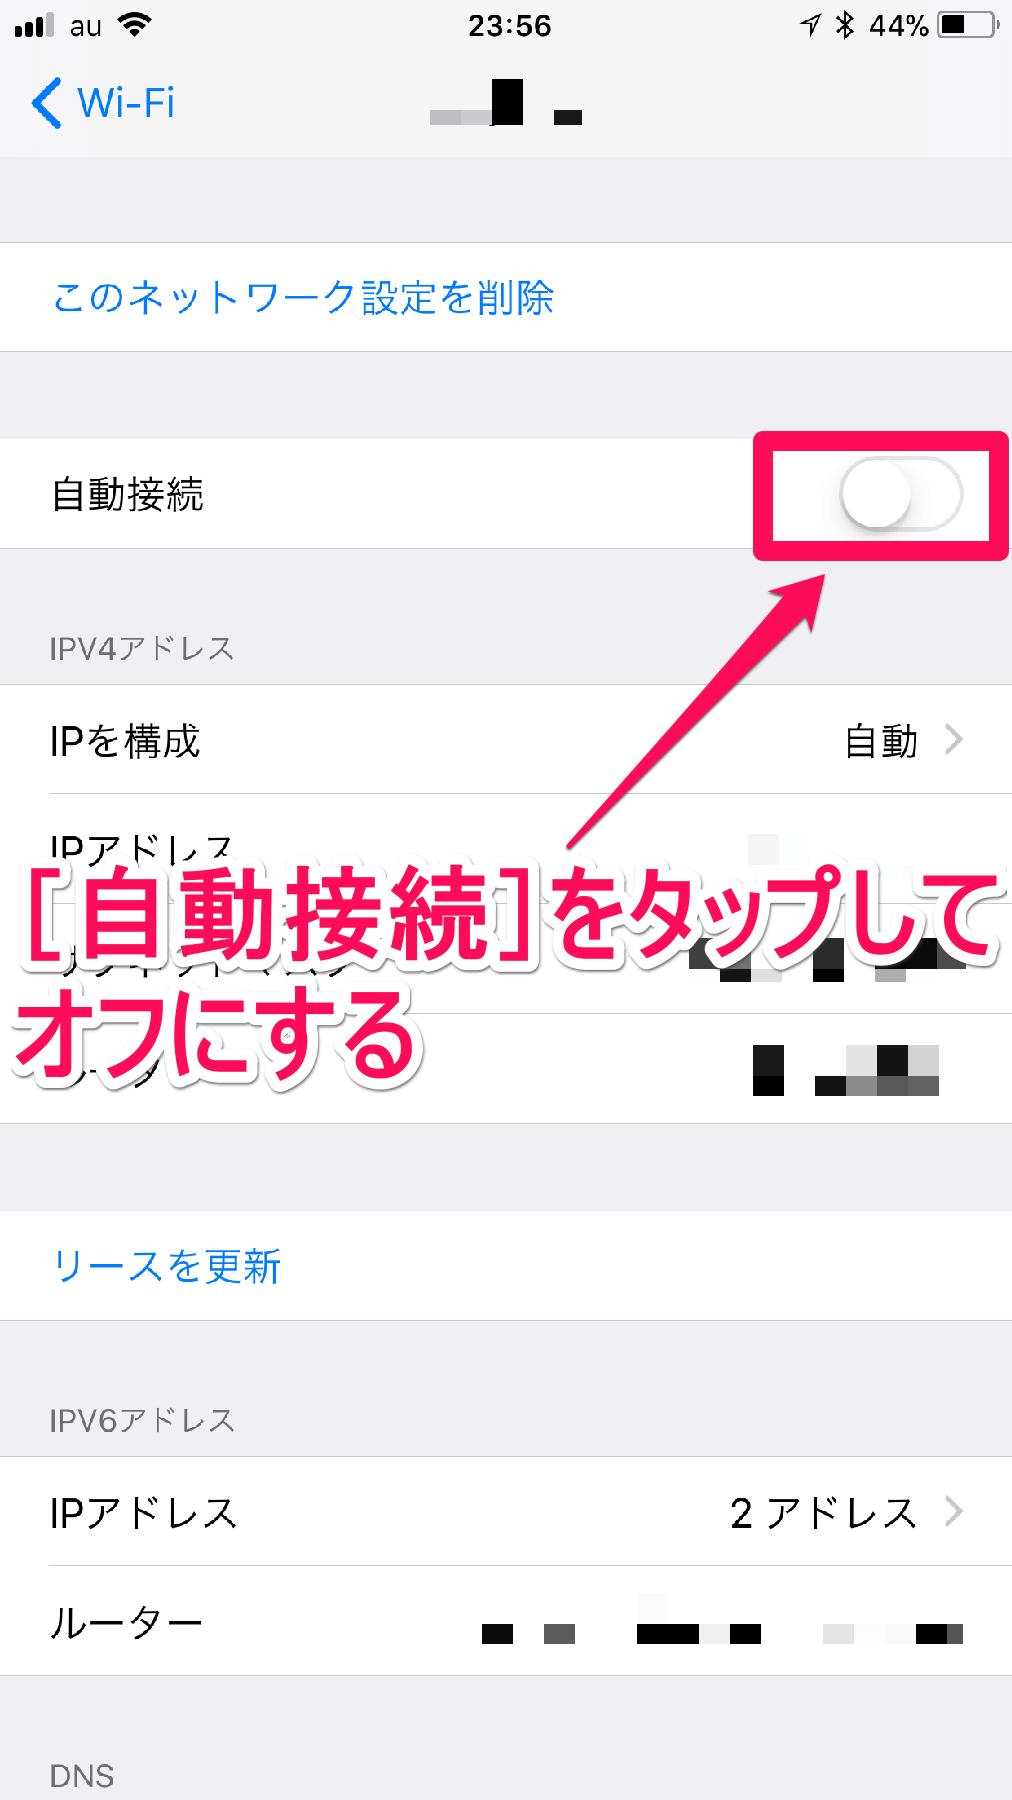 iPhone(アイフォン、アイフォーン)のWi-Fiネットワークの設定画面